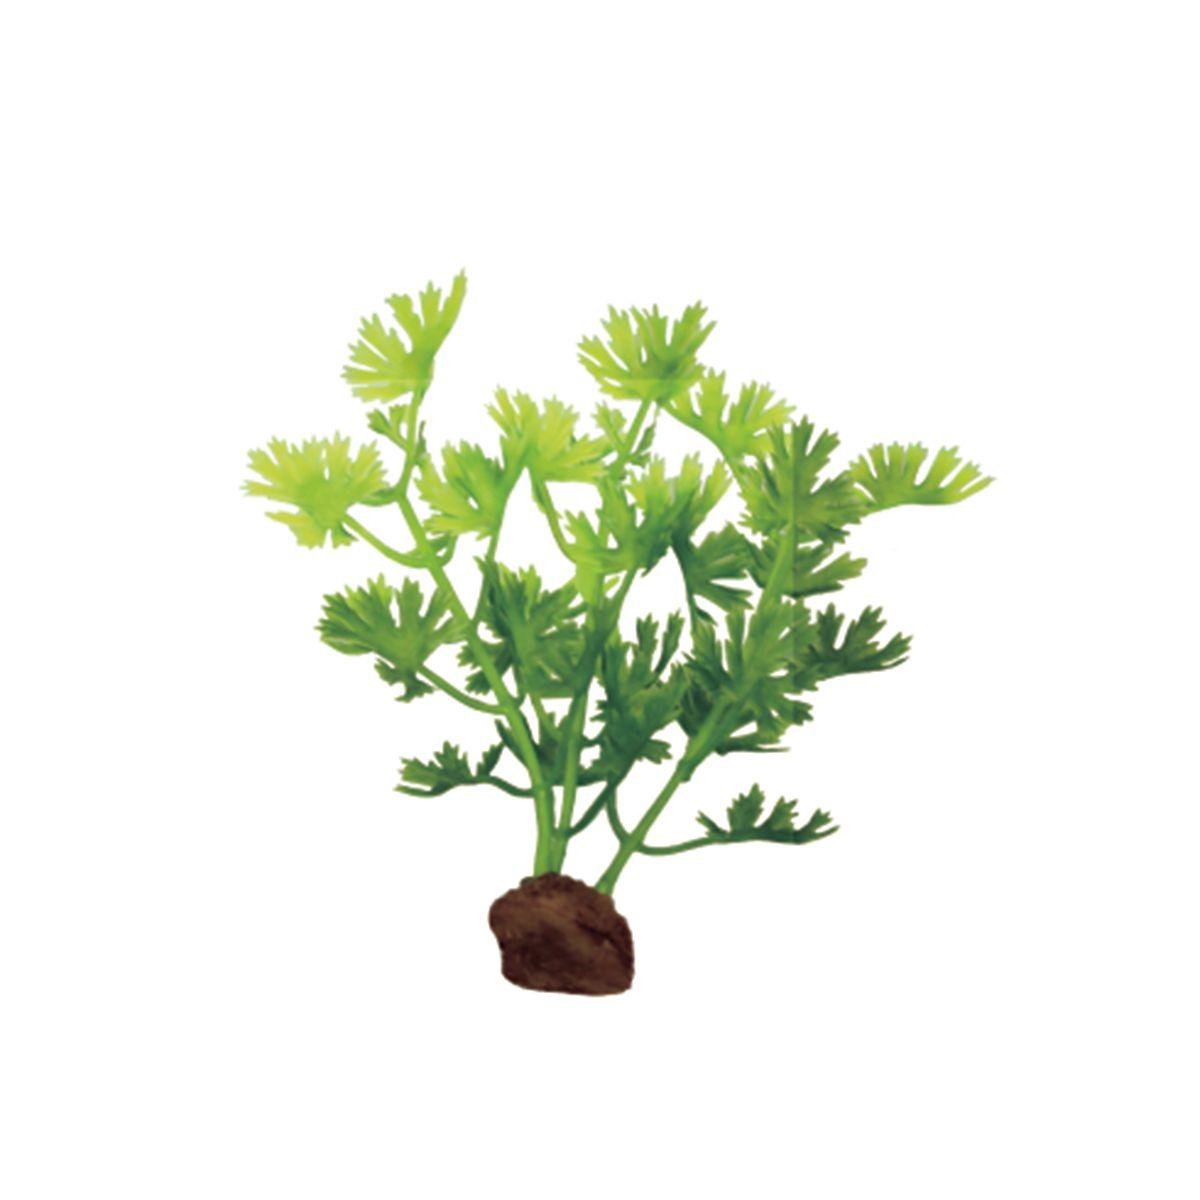 Растение для аквариума ArtUniq Лютик водный, высота 10 см, 6 штART-1170512Растение для аквариума ArtUniq Лютик водный, высота 10 см, 6 шт